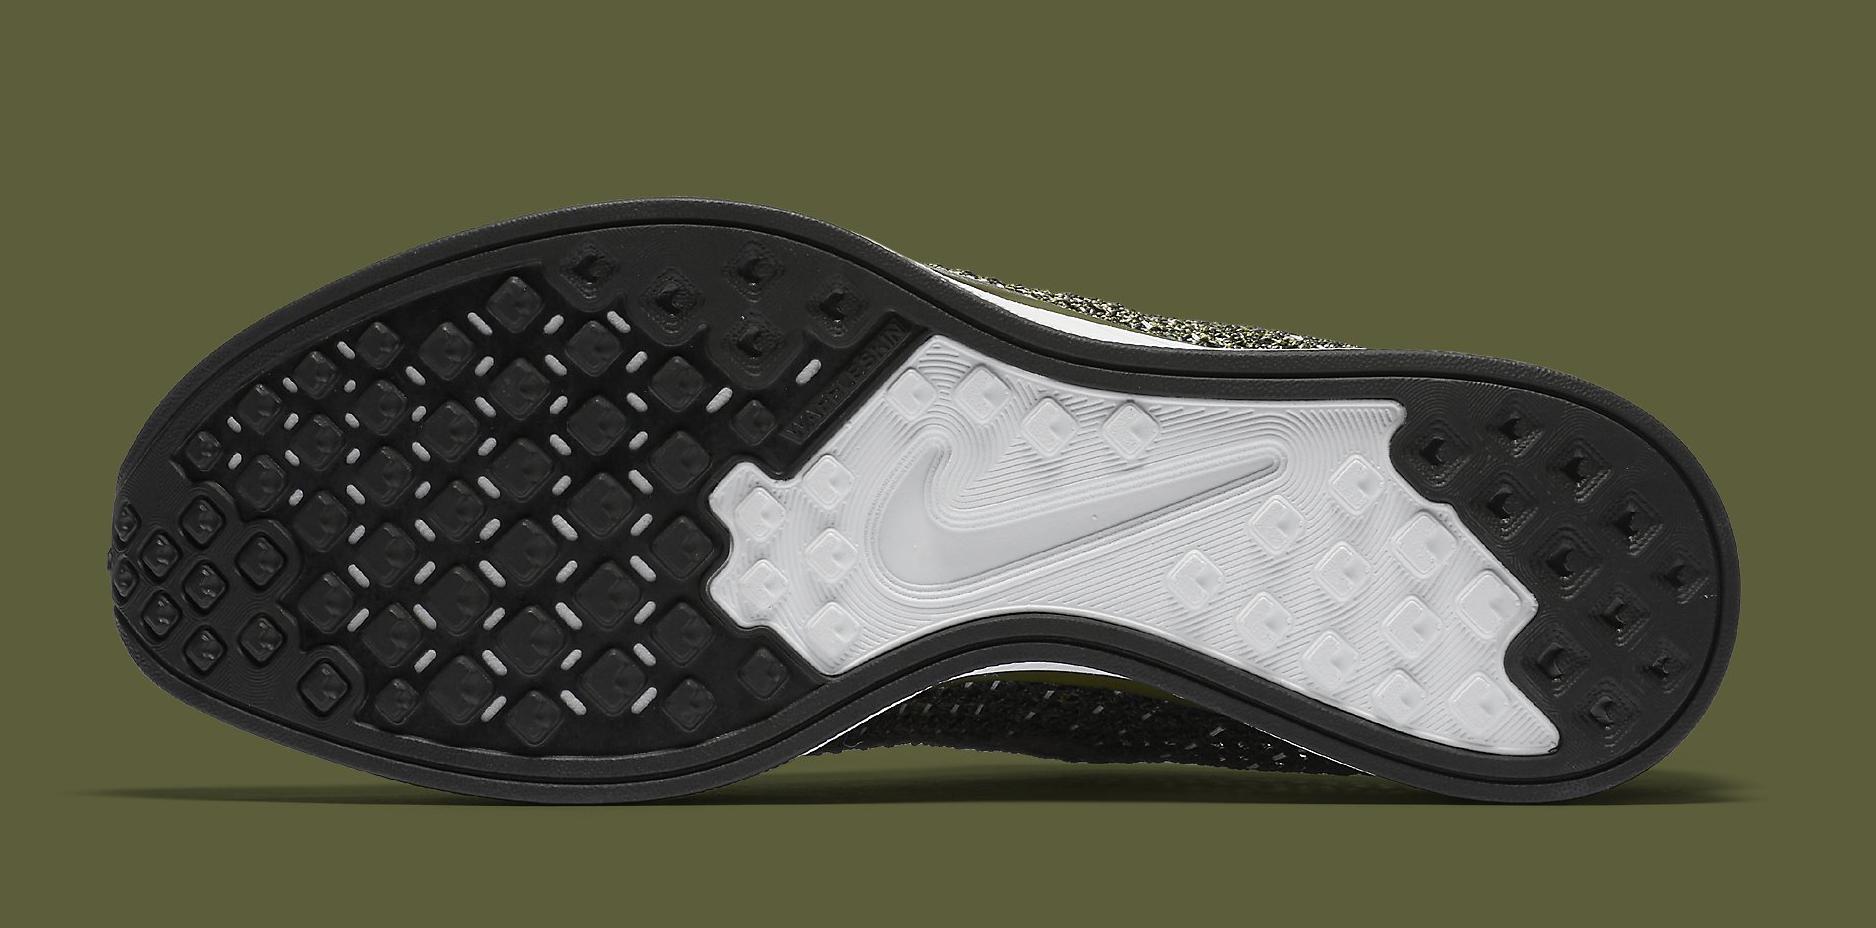 Nike Flyknit Racer Green Camo 862713-300 Sole